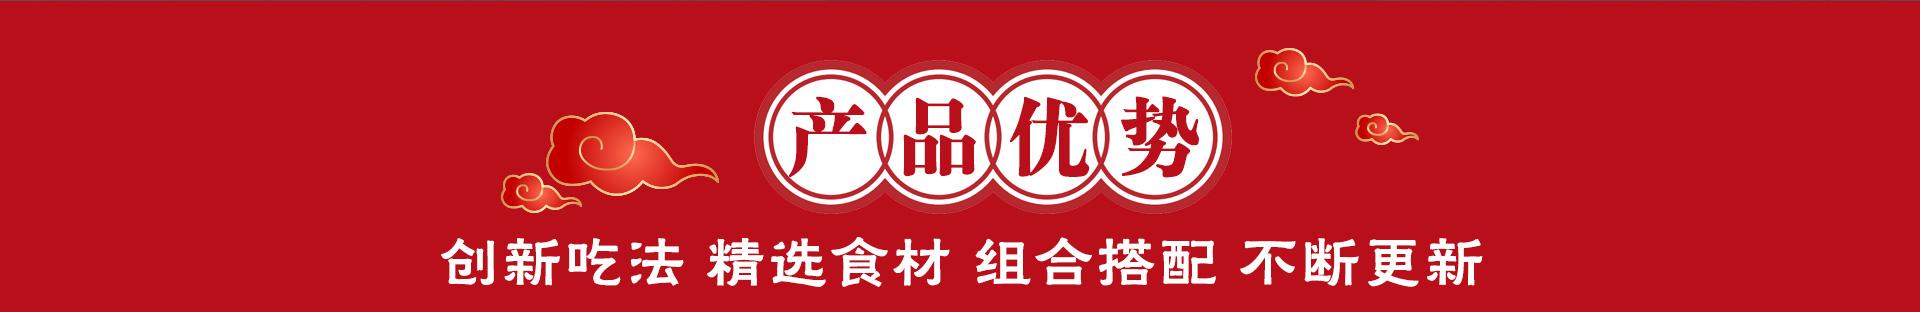 辣叁成燒菜火鍋lsc_07